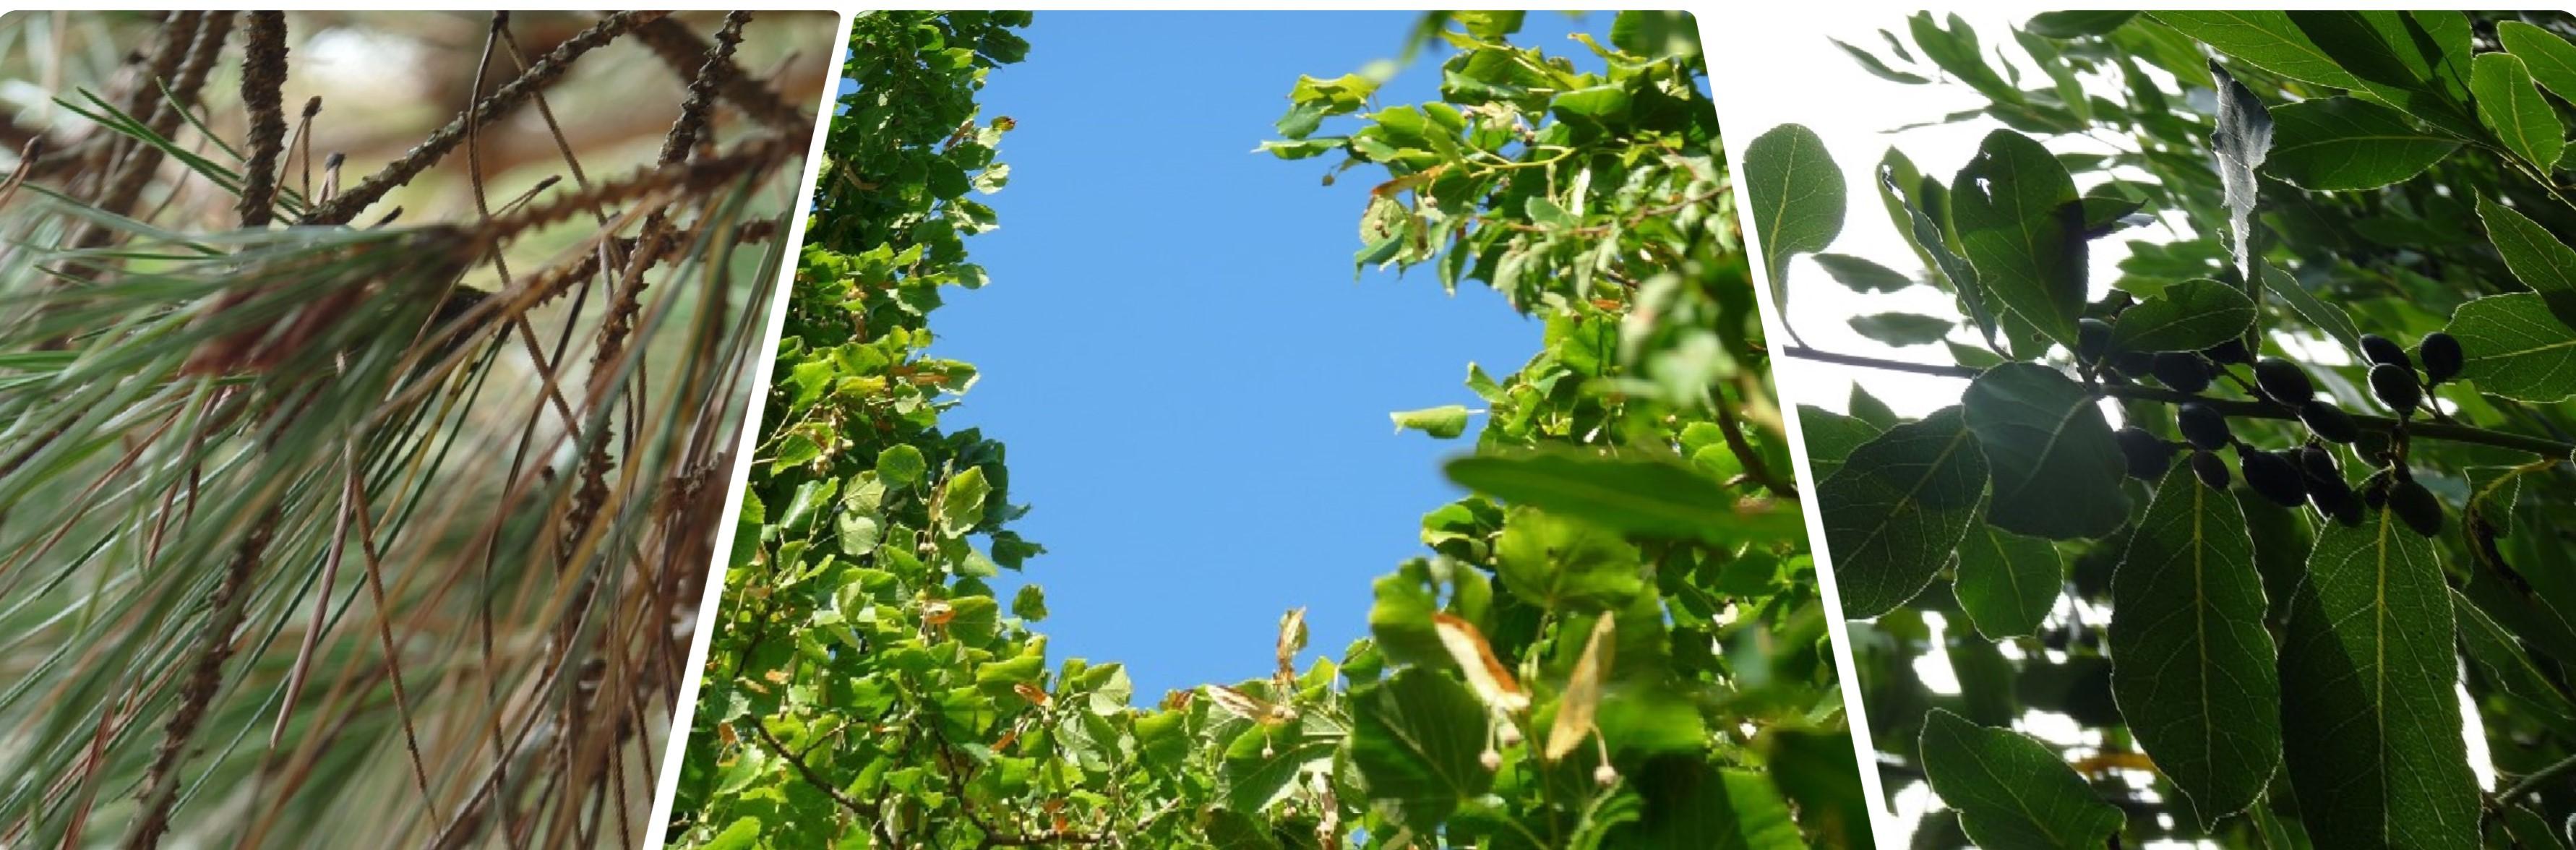 Ciel et arbres : Inspirations en 11 photos - PiGMENTROPiE